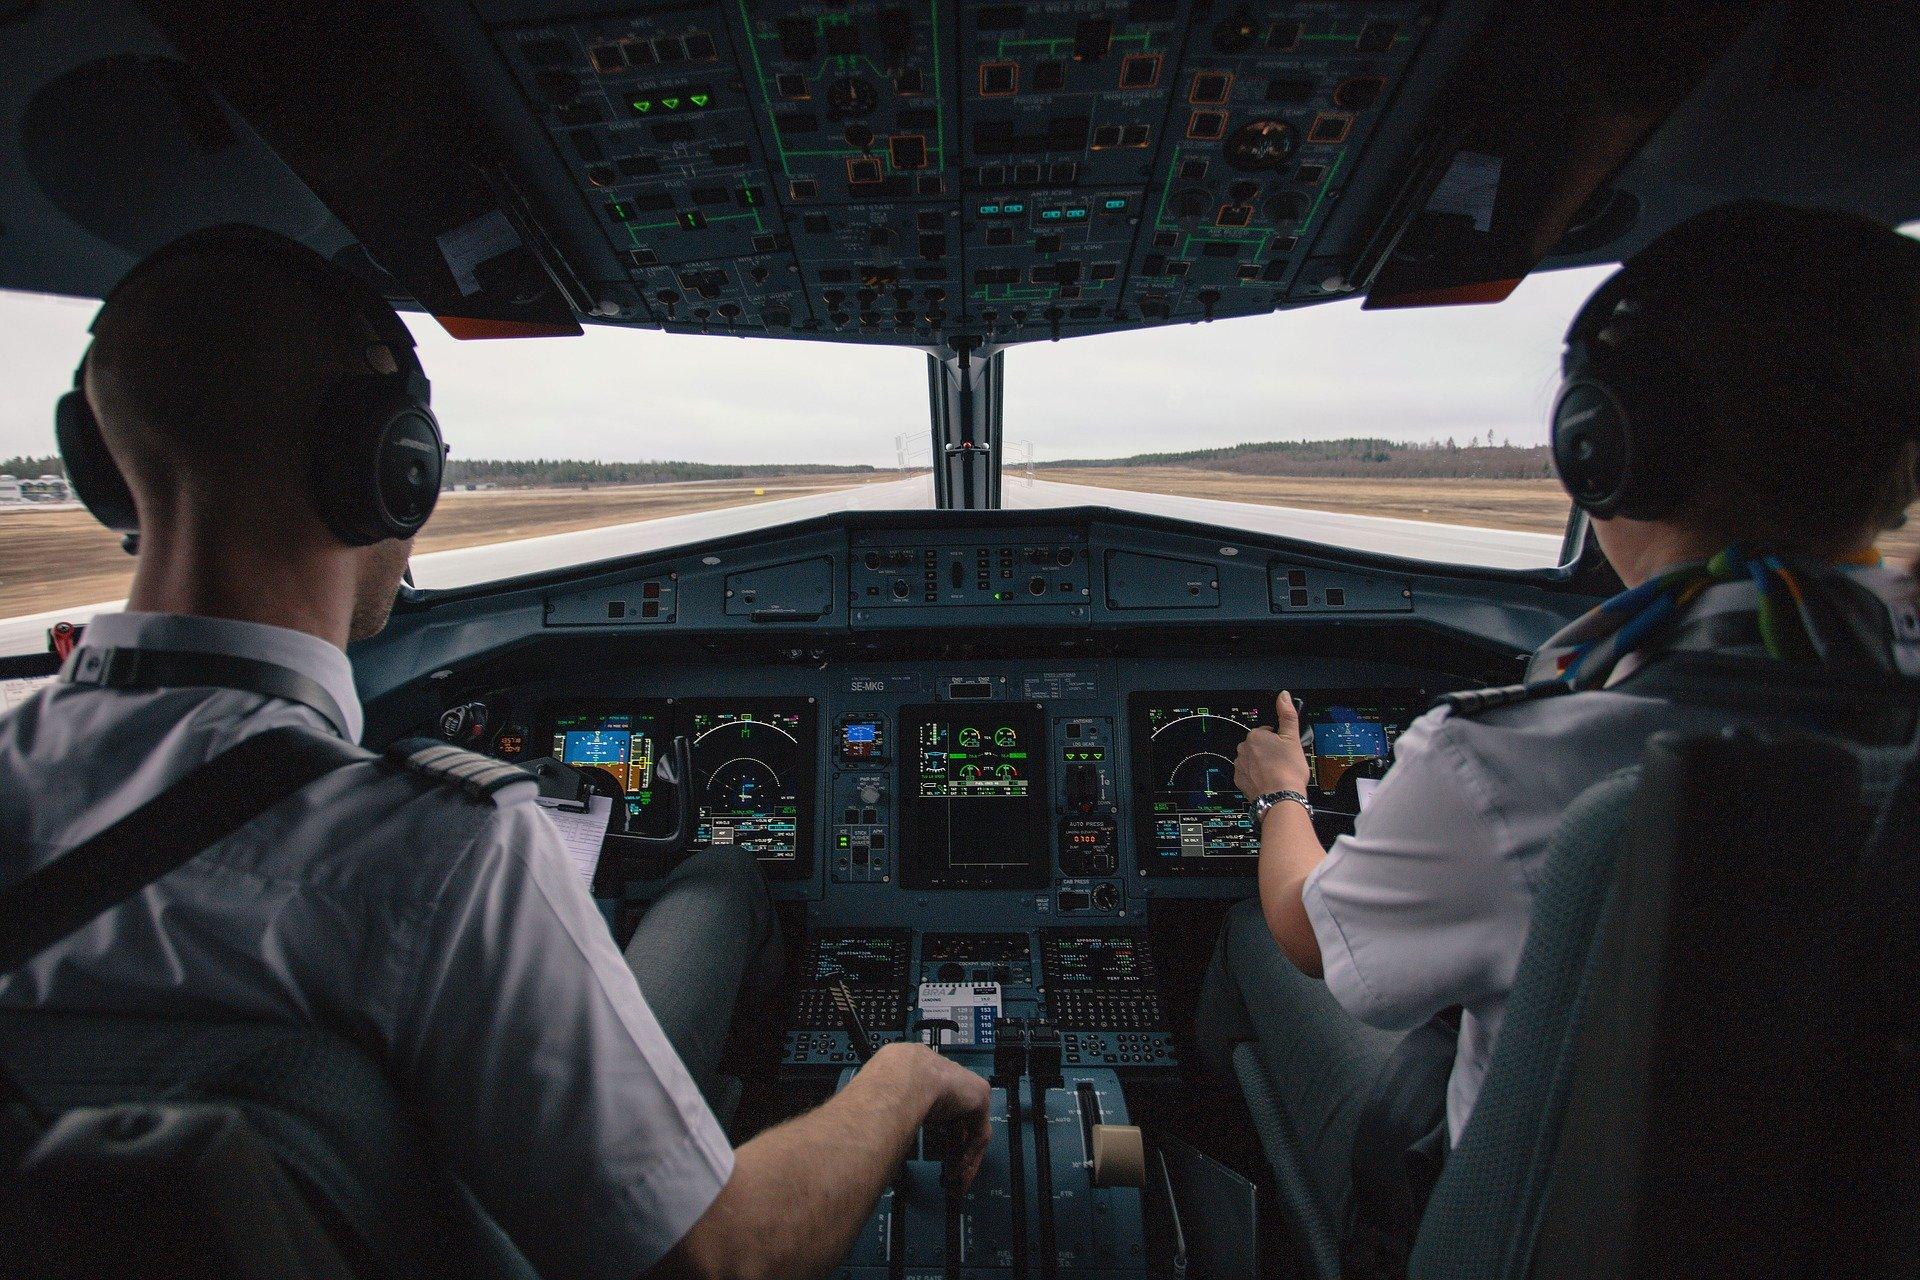 Cabine des pilotes d'un avion. | Photo: Pixabay